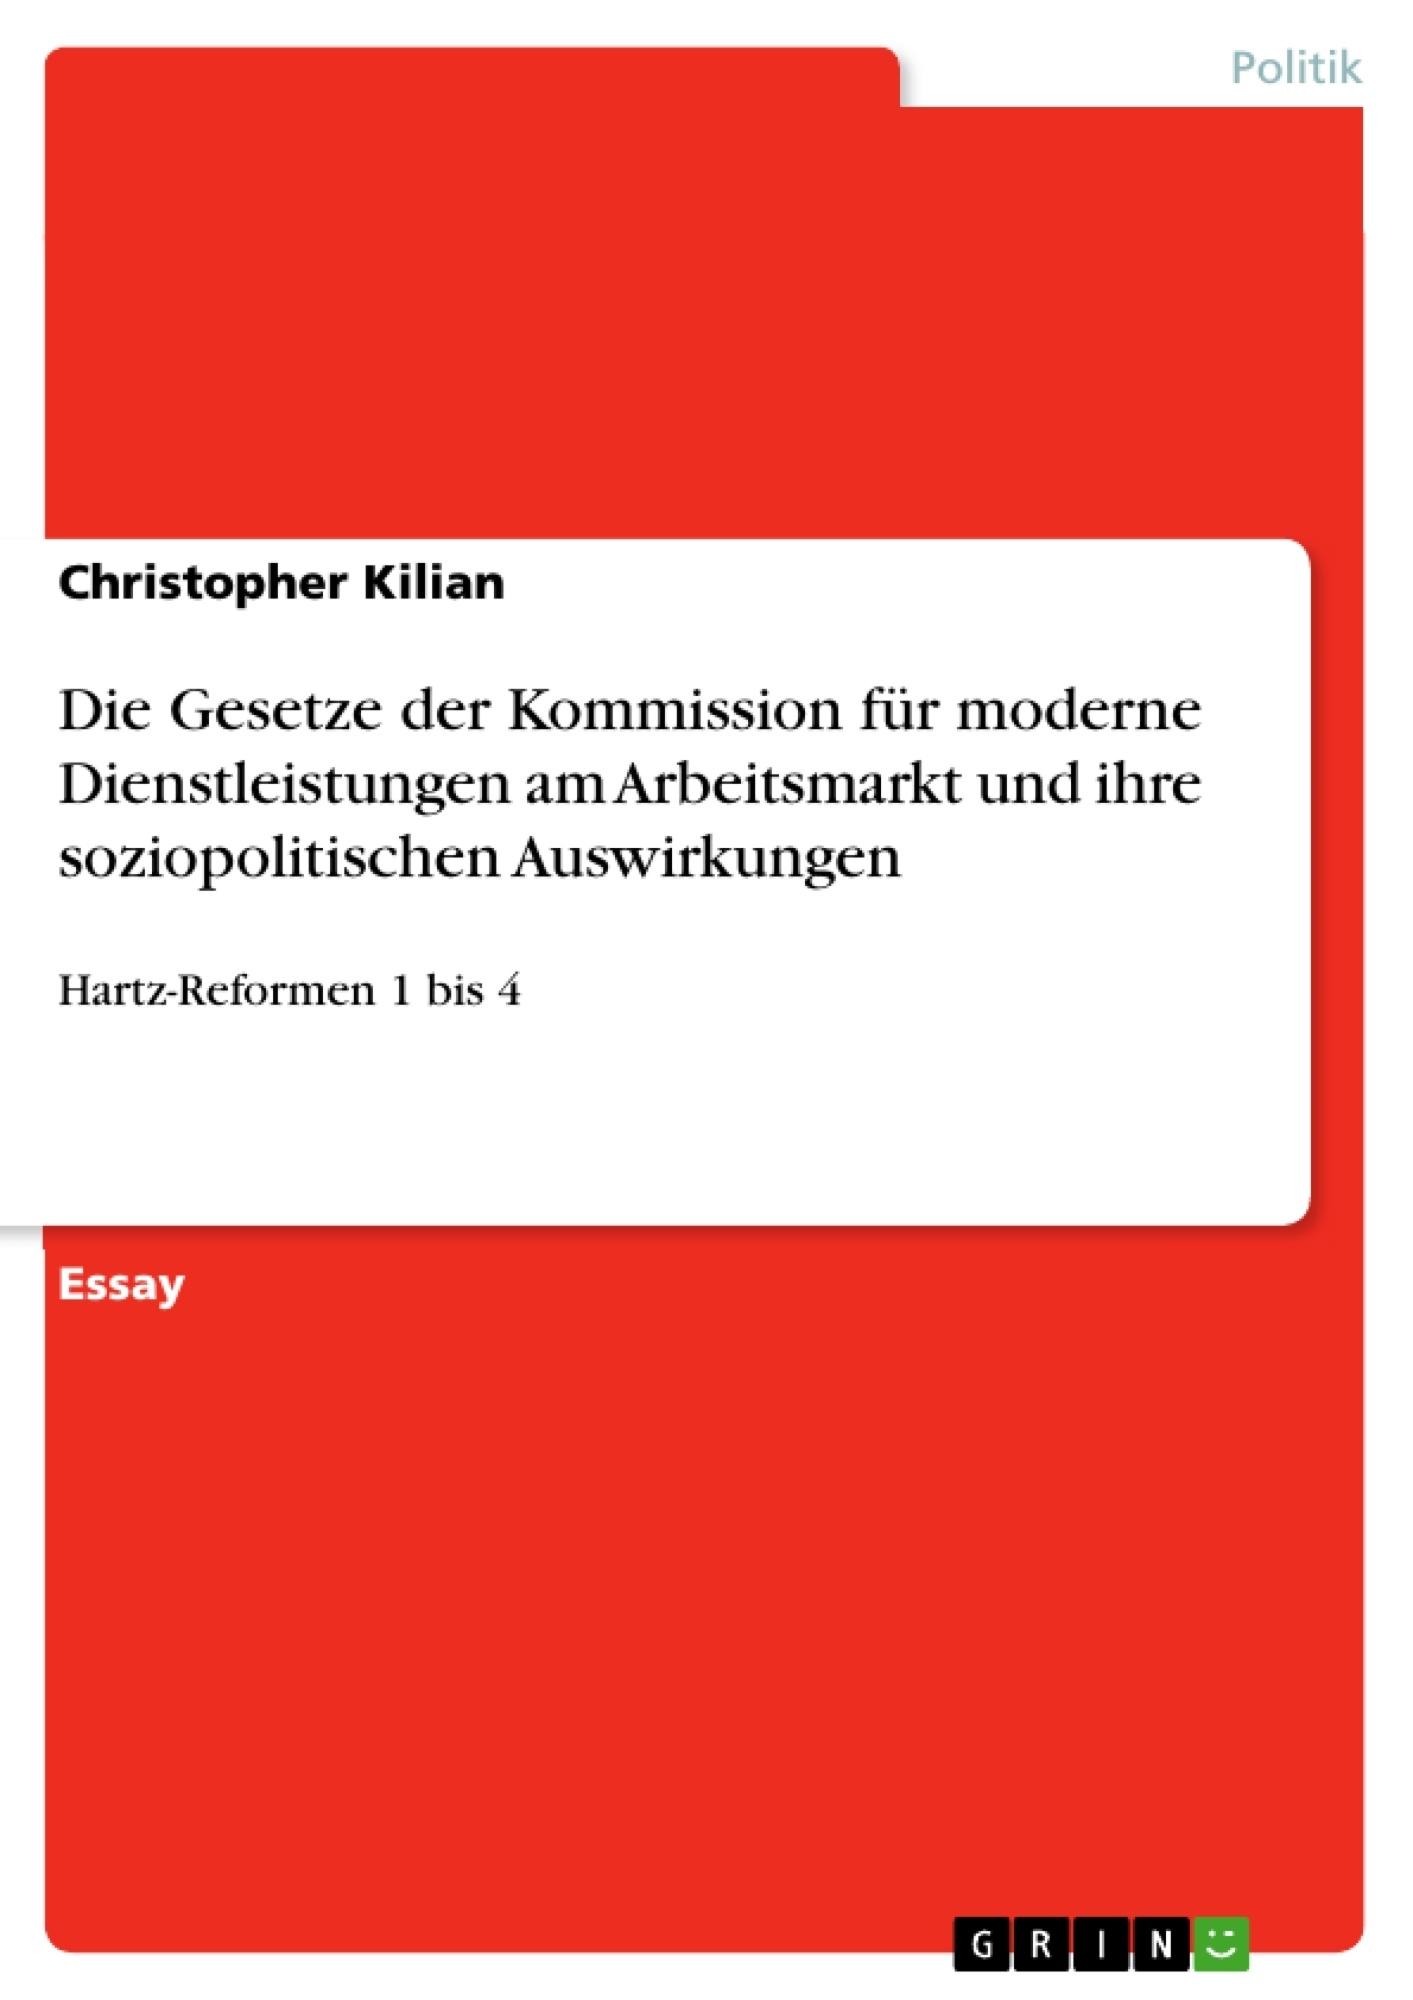 Titel: Die Gesetze der Kommission für moderne Dienstleistungen am Arbeitsmarkt und ihre soziopolitischen Auswirkungen